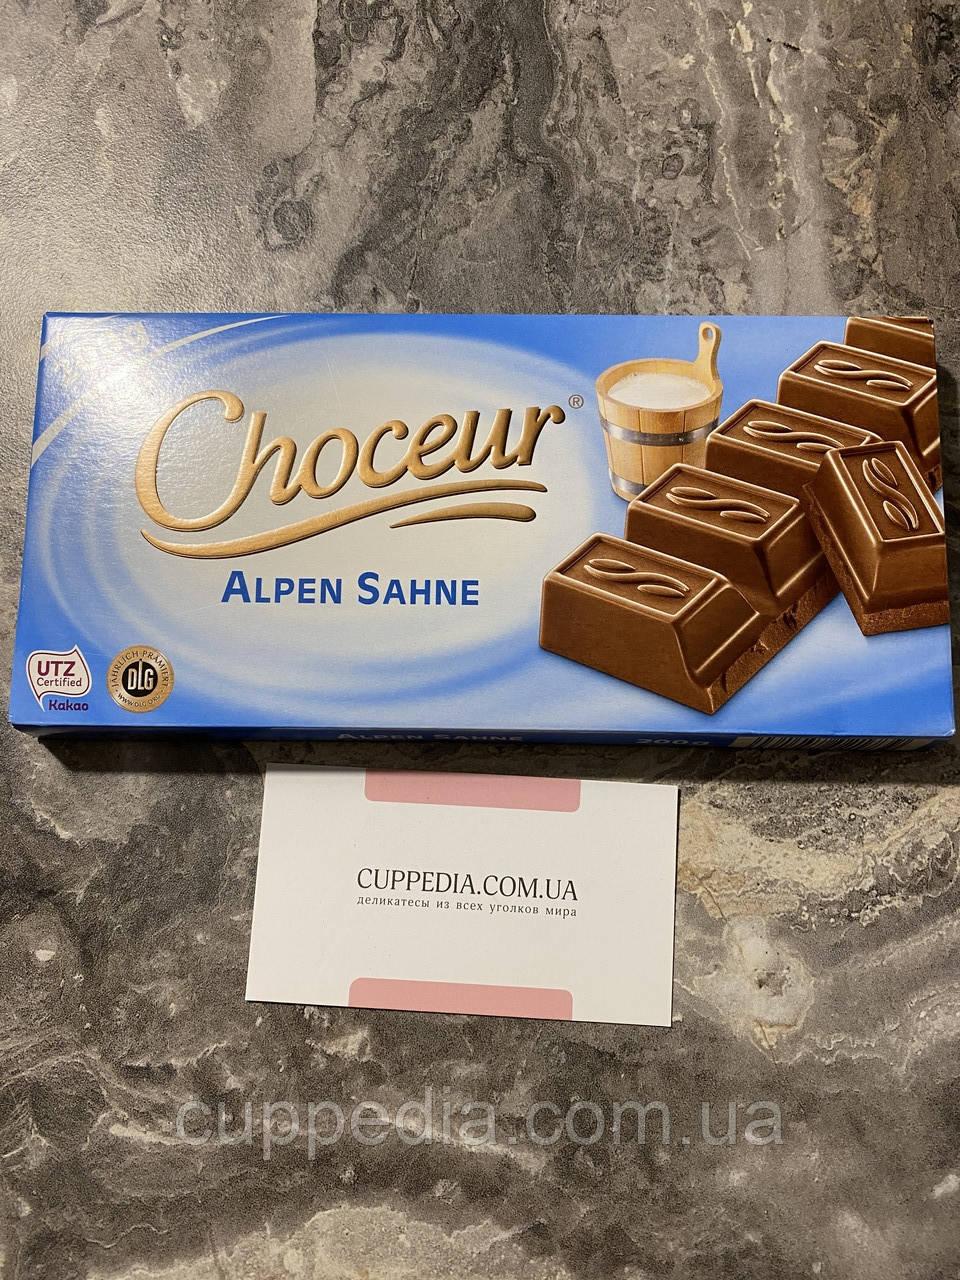 Молочний шоколад Choceur з альпійським молочком 200 грм